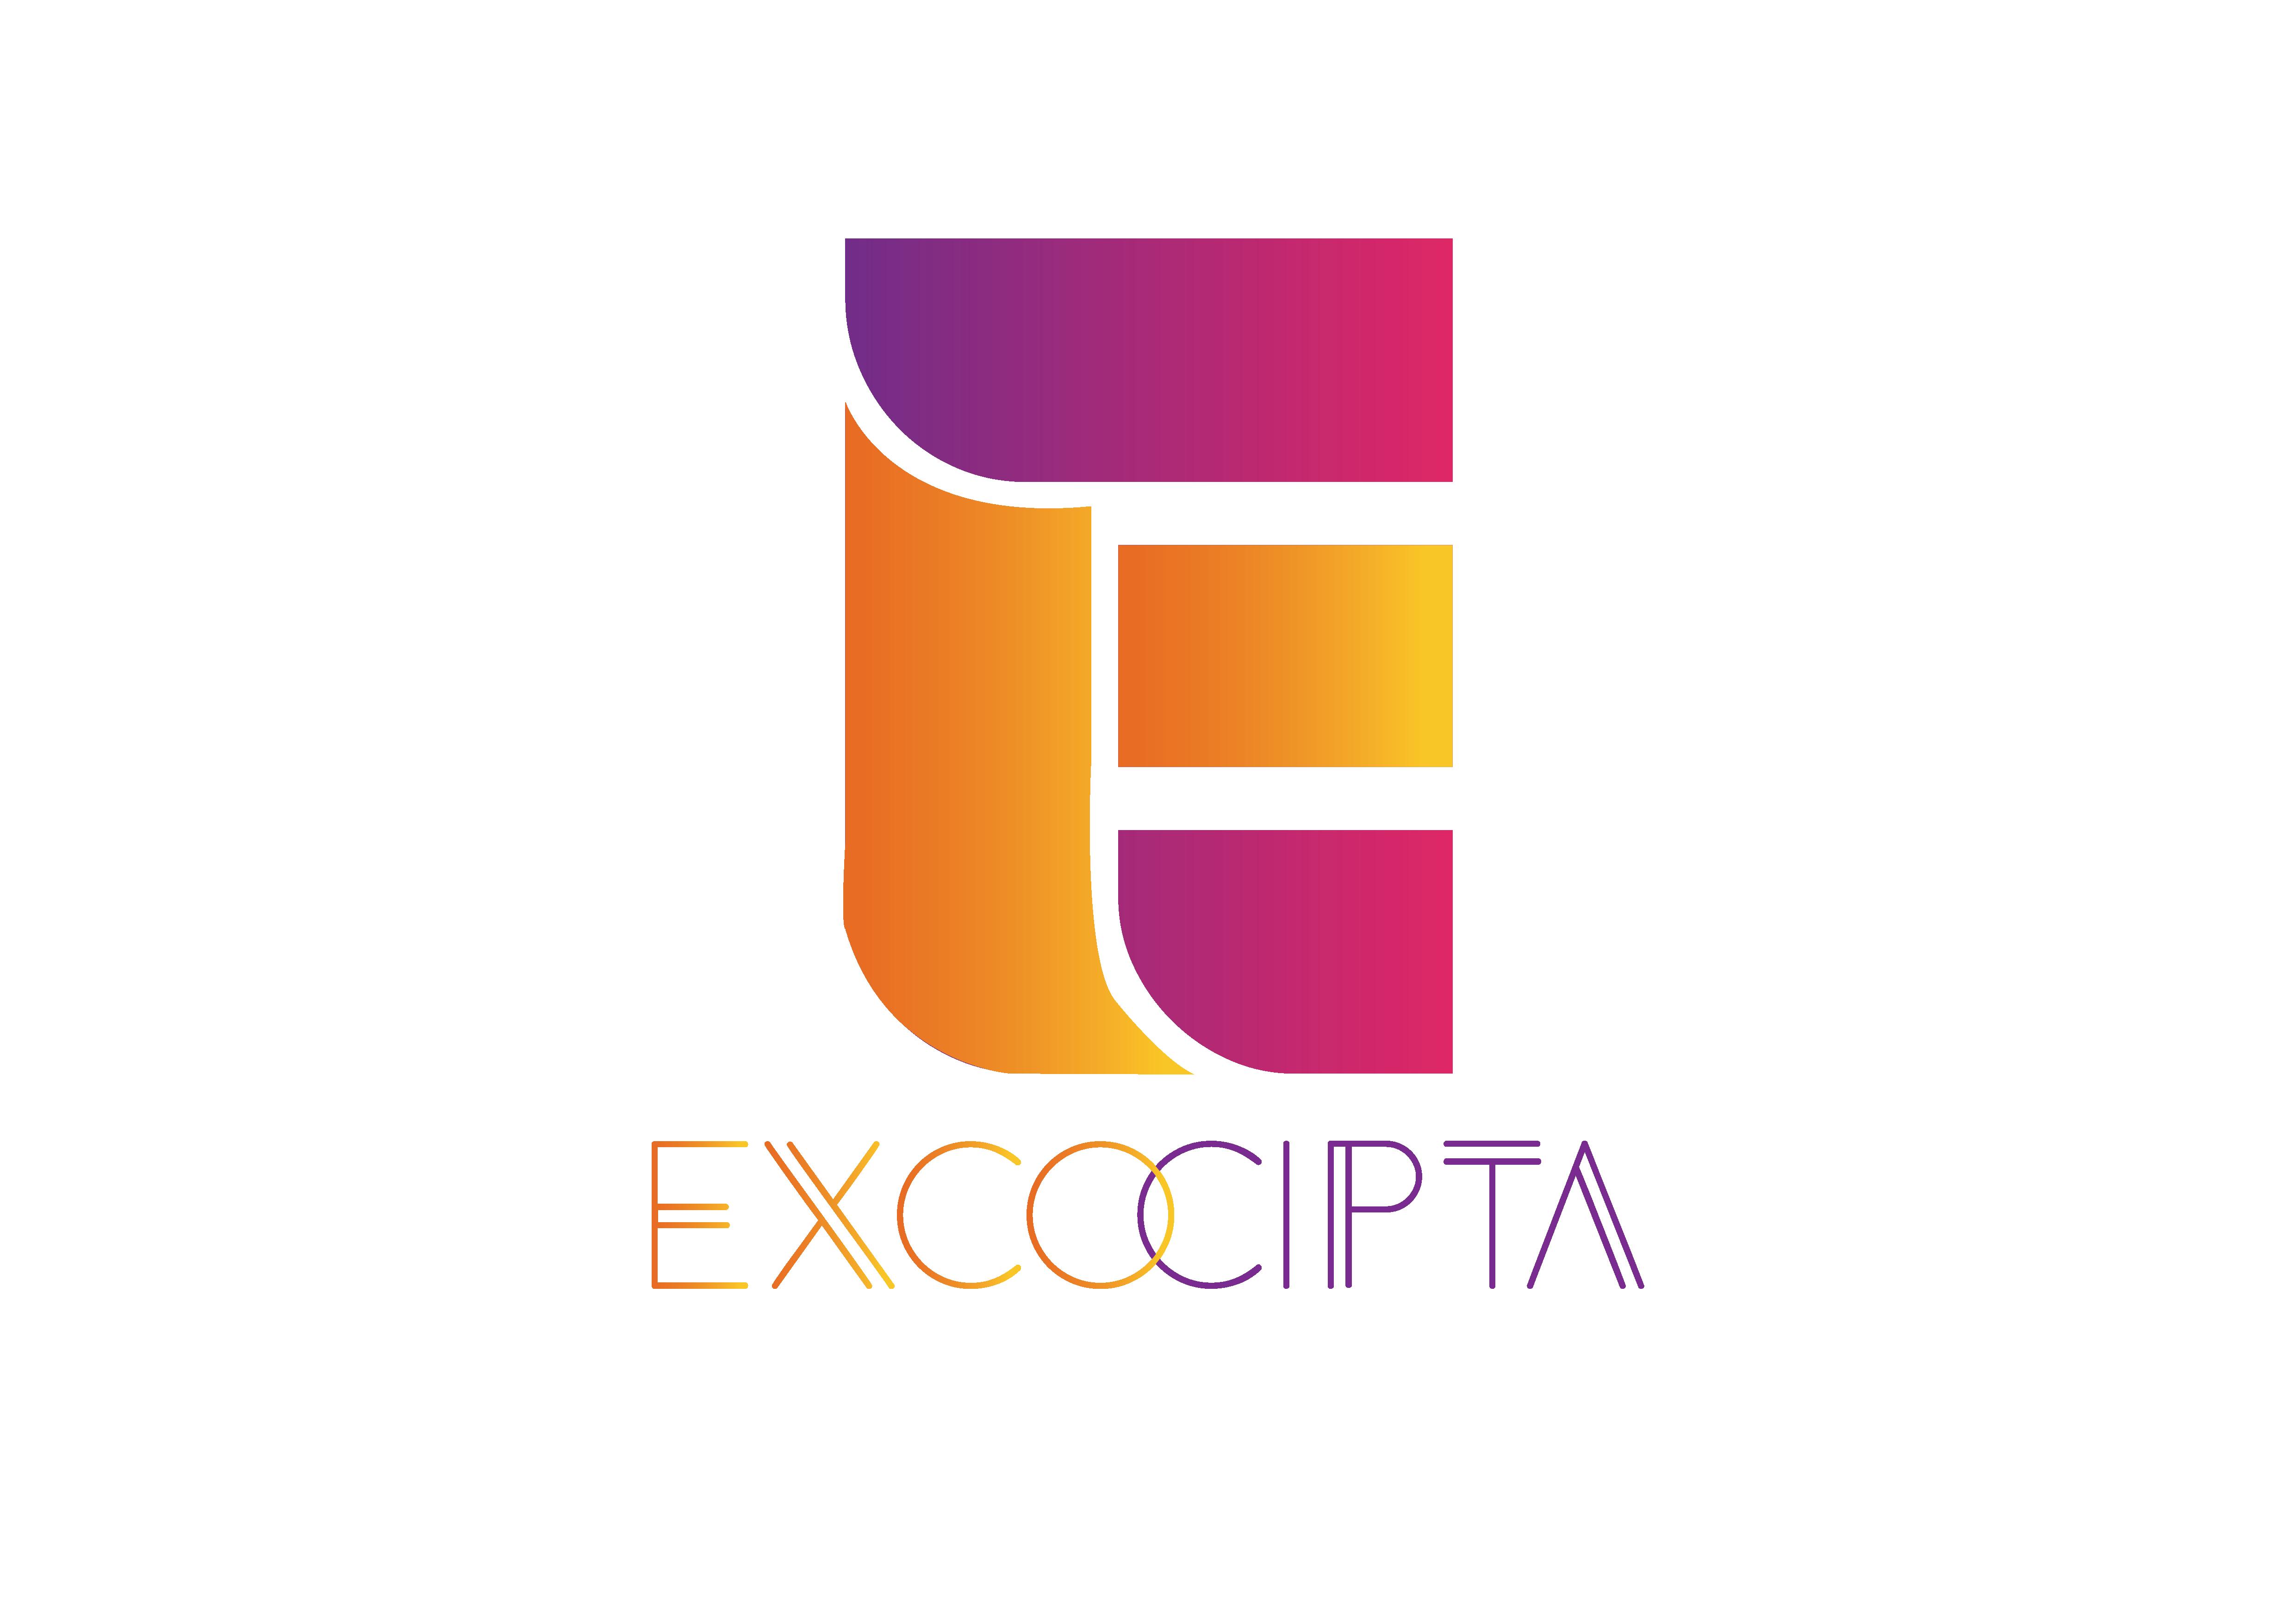 EXCOCIPTA